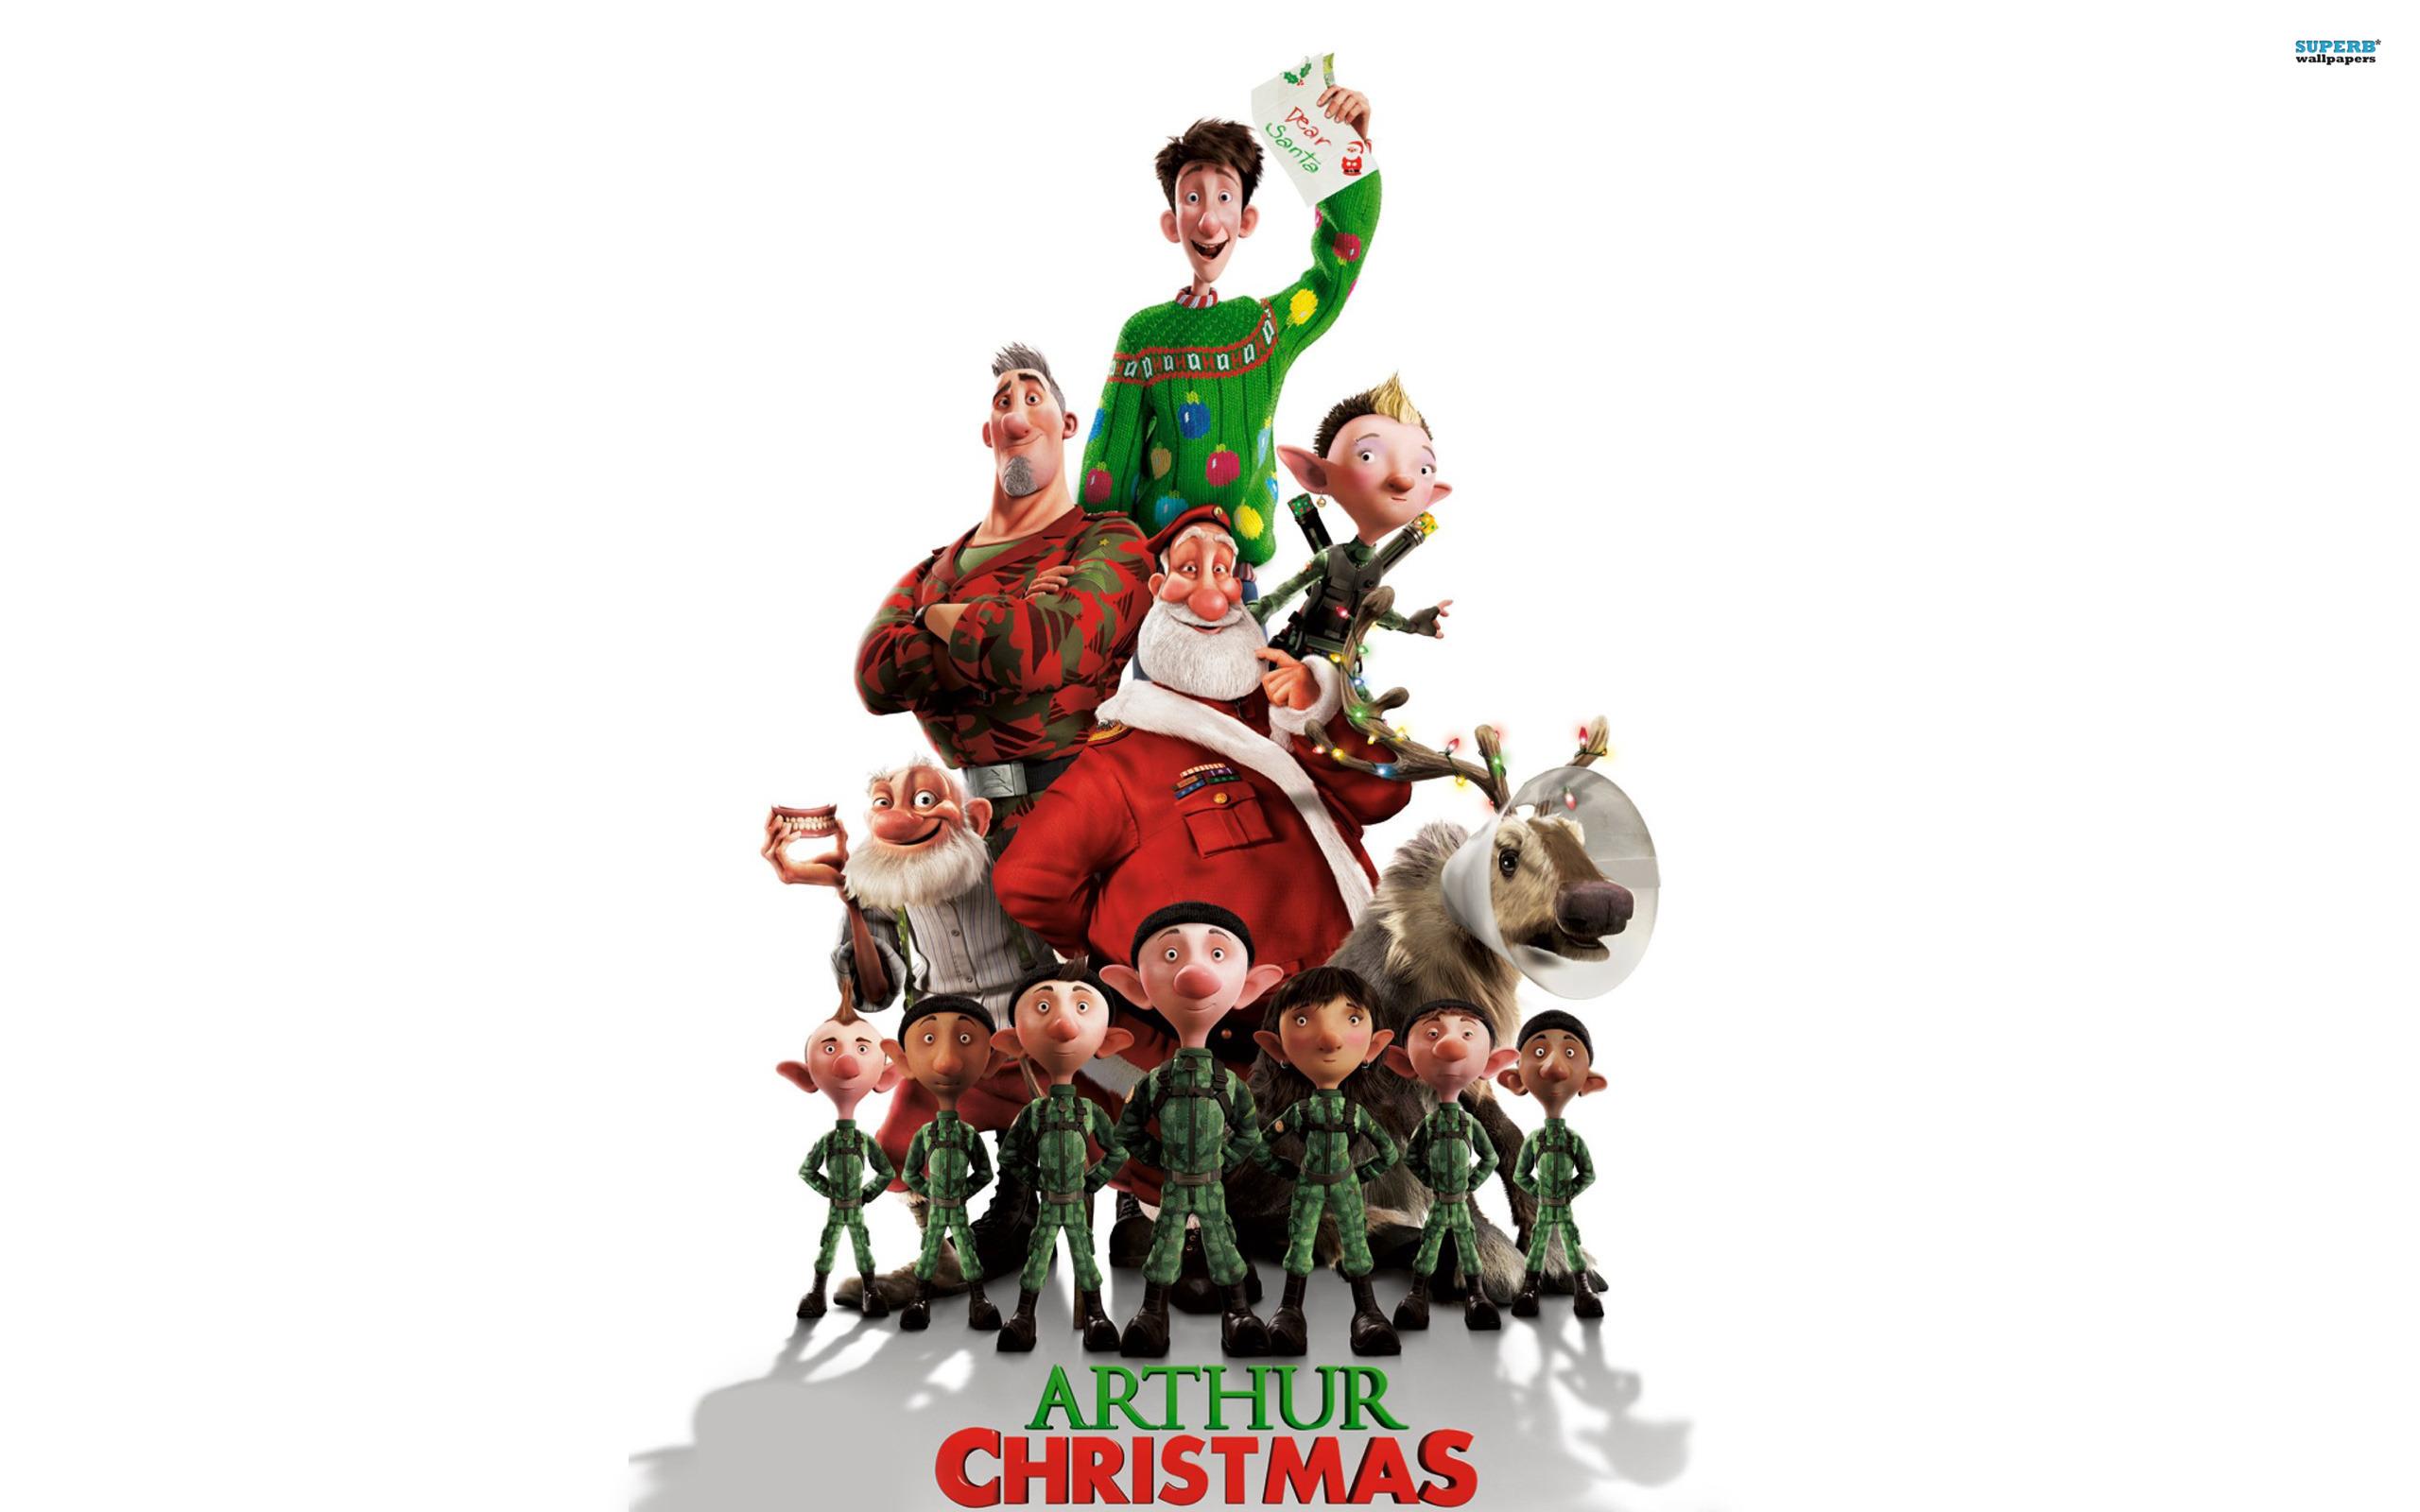 arthur christmas cartoon 9400 - Cast Of Arthur Christmas